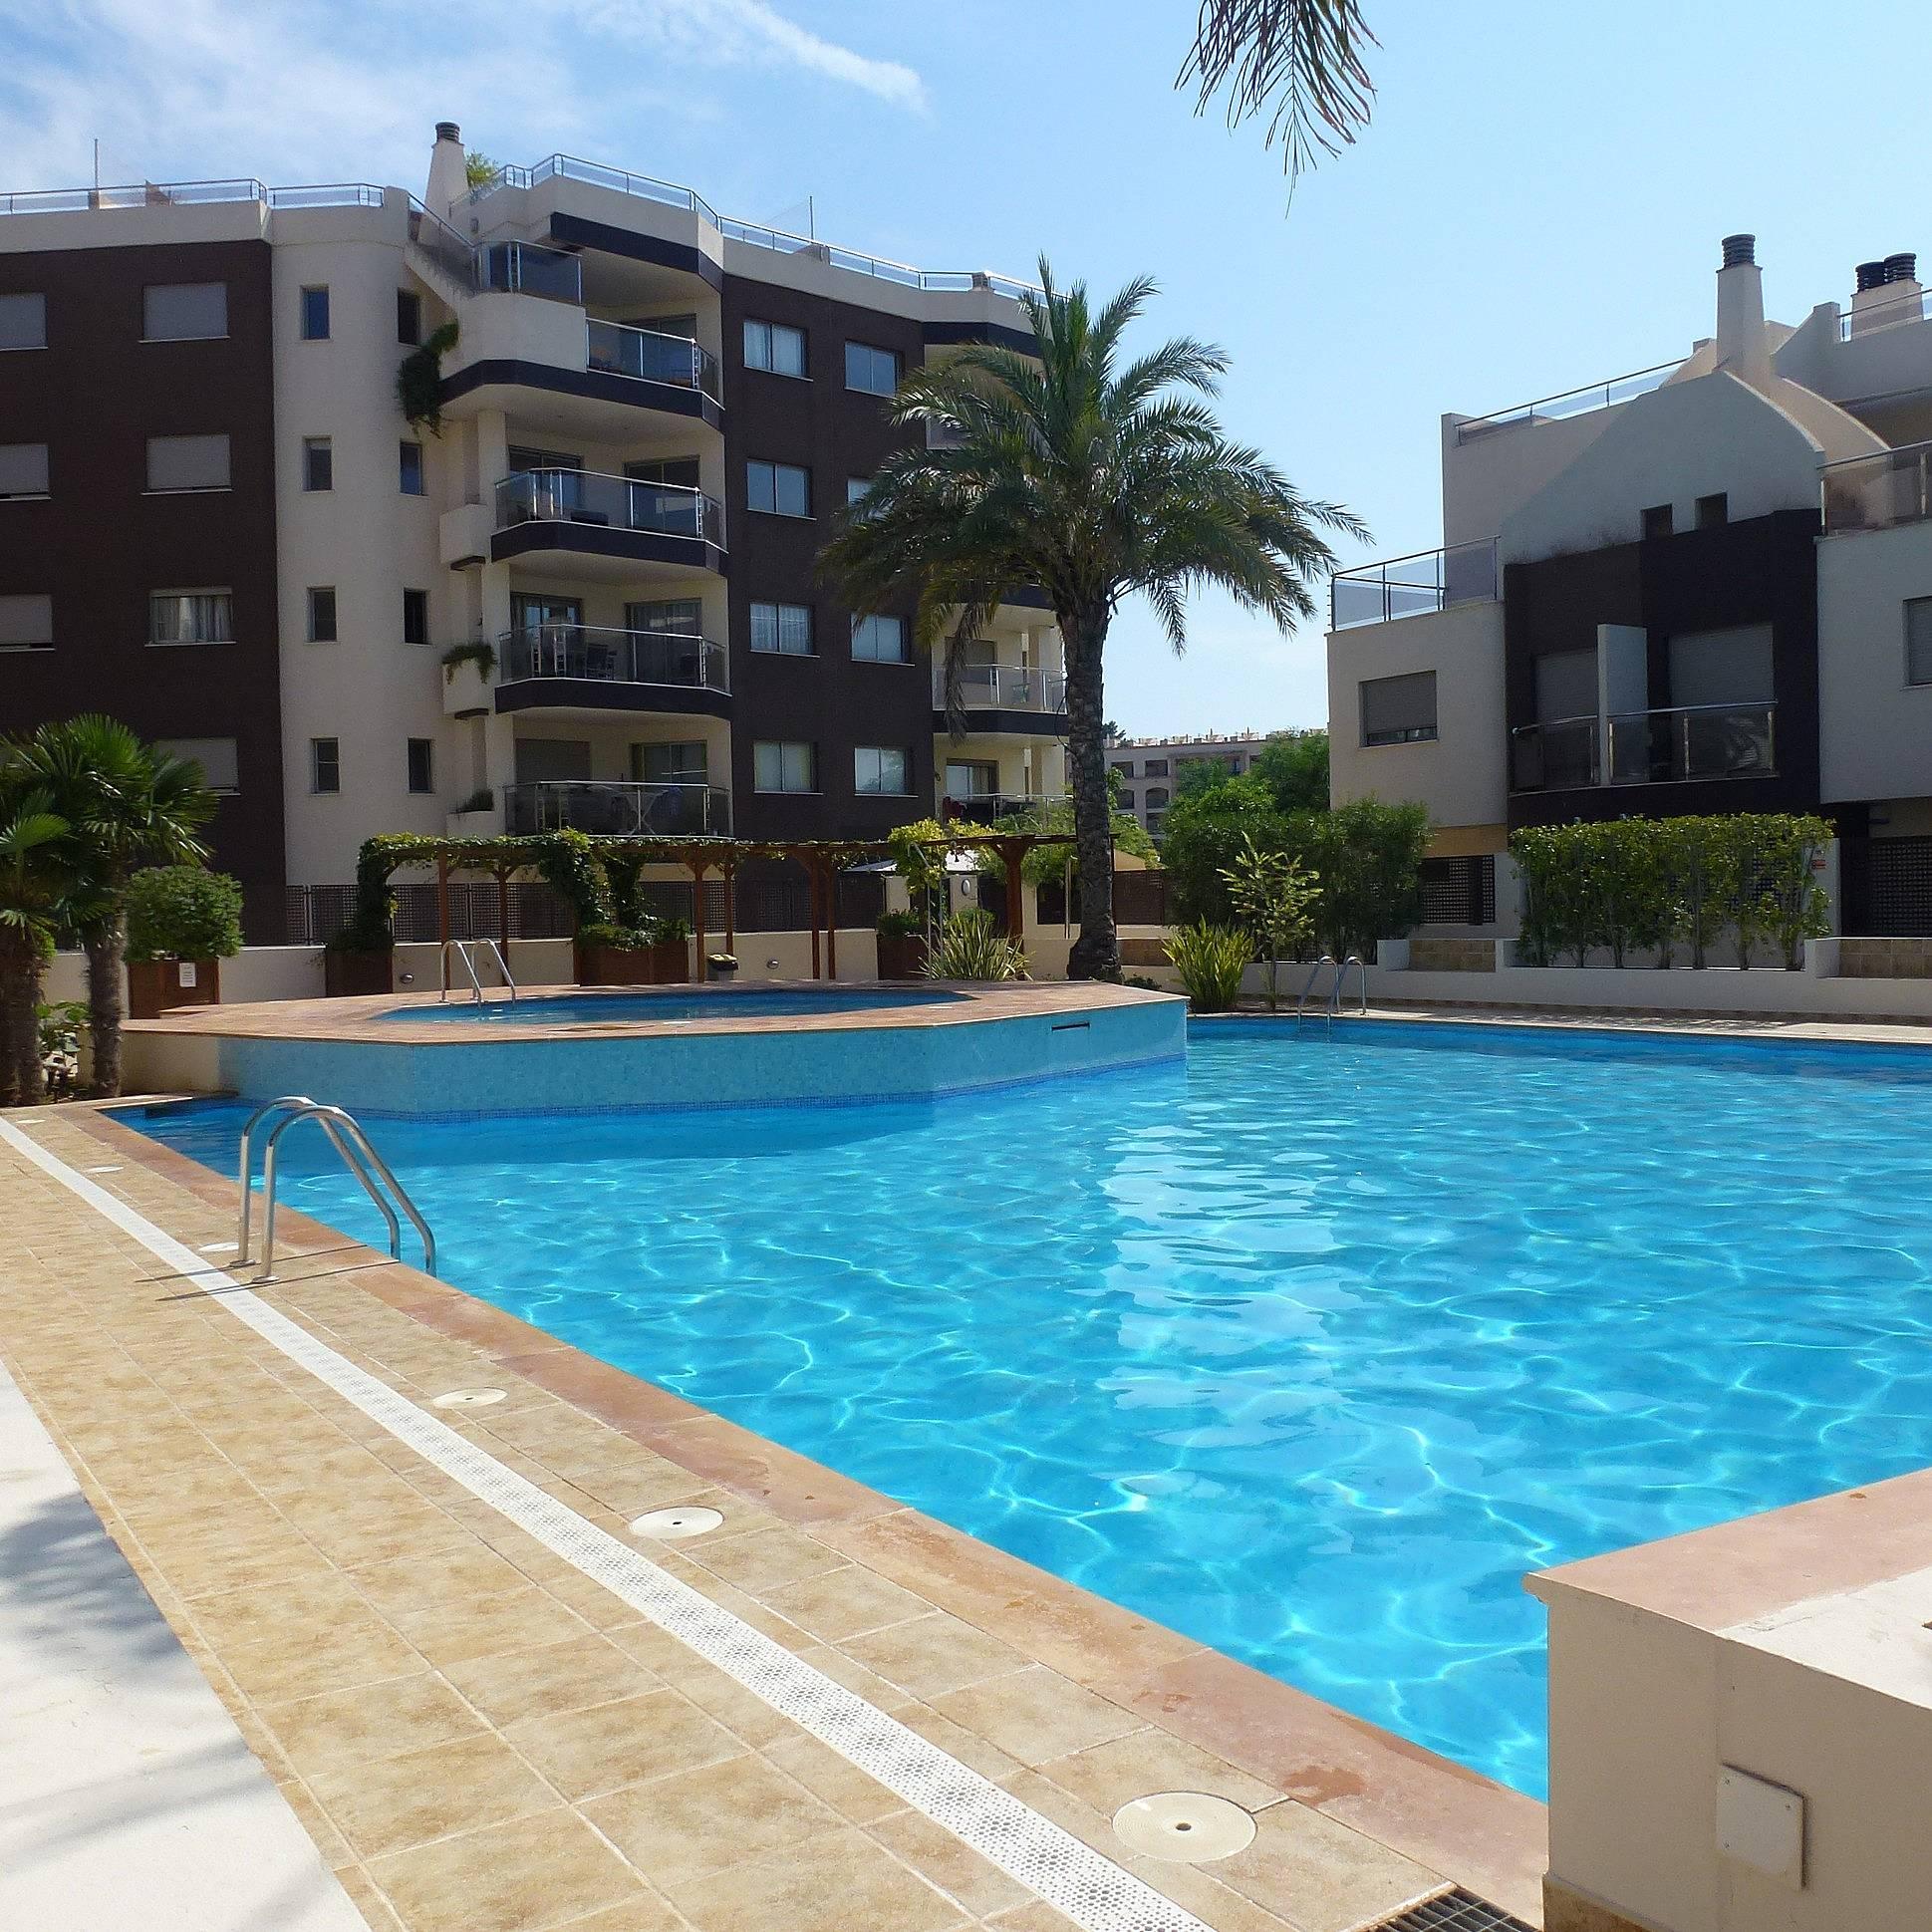 Apartamento 2 dorm en urbanizaci n con piscina santa eulalia santa eulalia del r o ibiza - Apartamentos santa eulalia ibiza ...